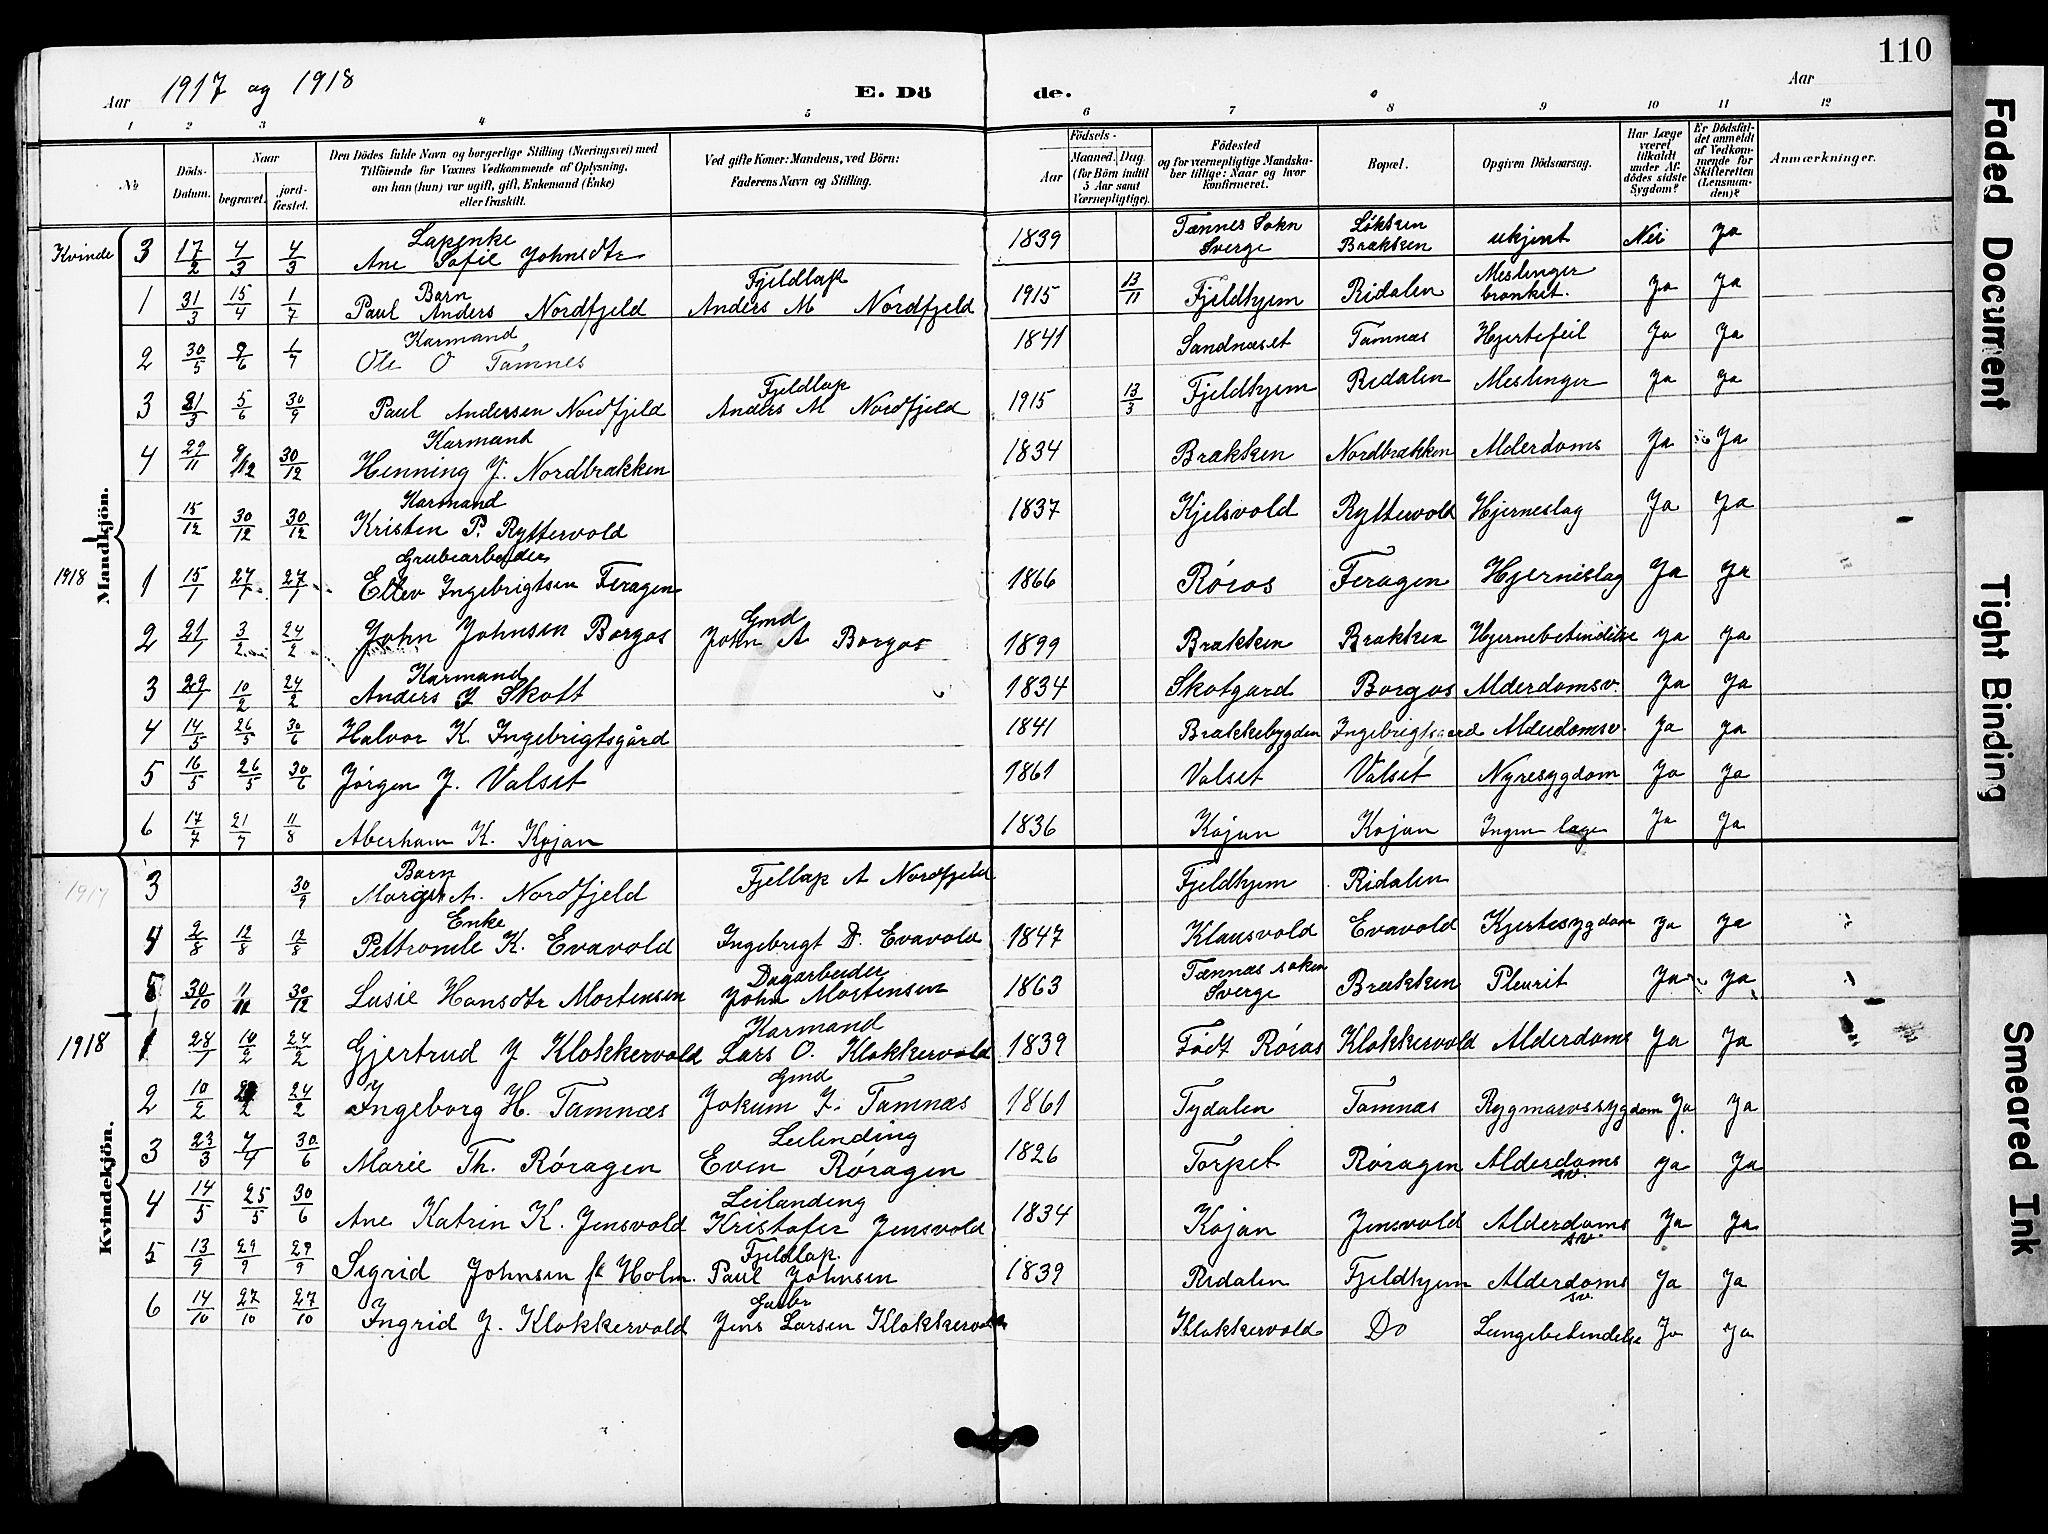 SAT, Ministerialprotokoller, klokkerbøker og fødselsregistre - Sør-Trøndelag, 683/L0950: Klokkerbok nr. 683C02, 1897-1918, s. 110